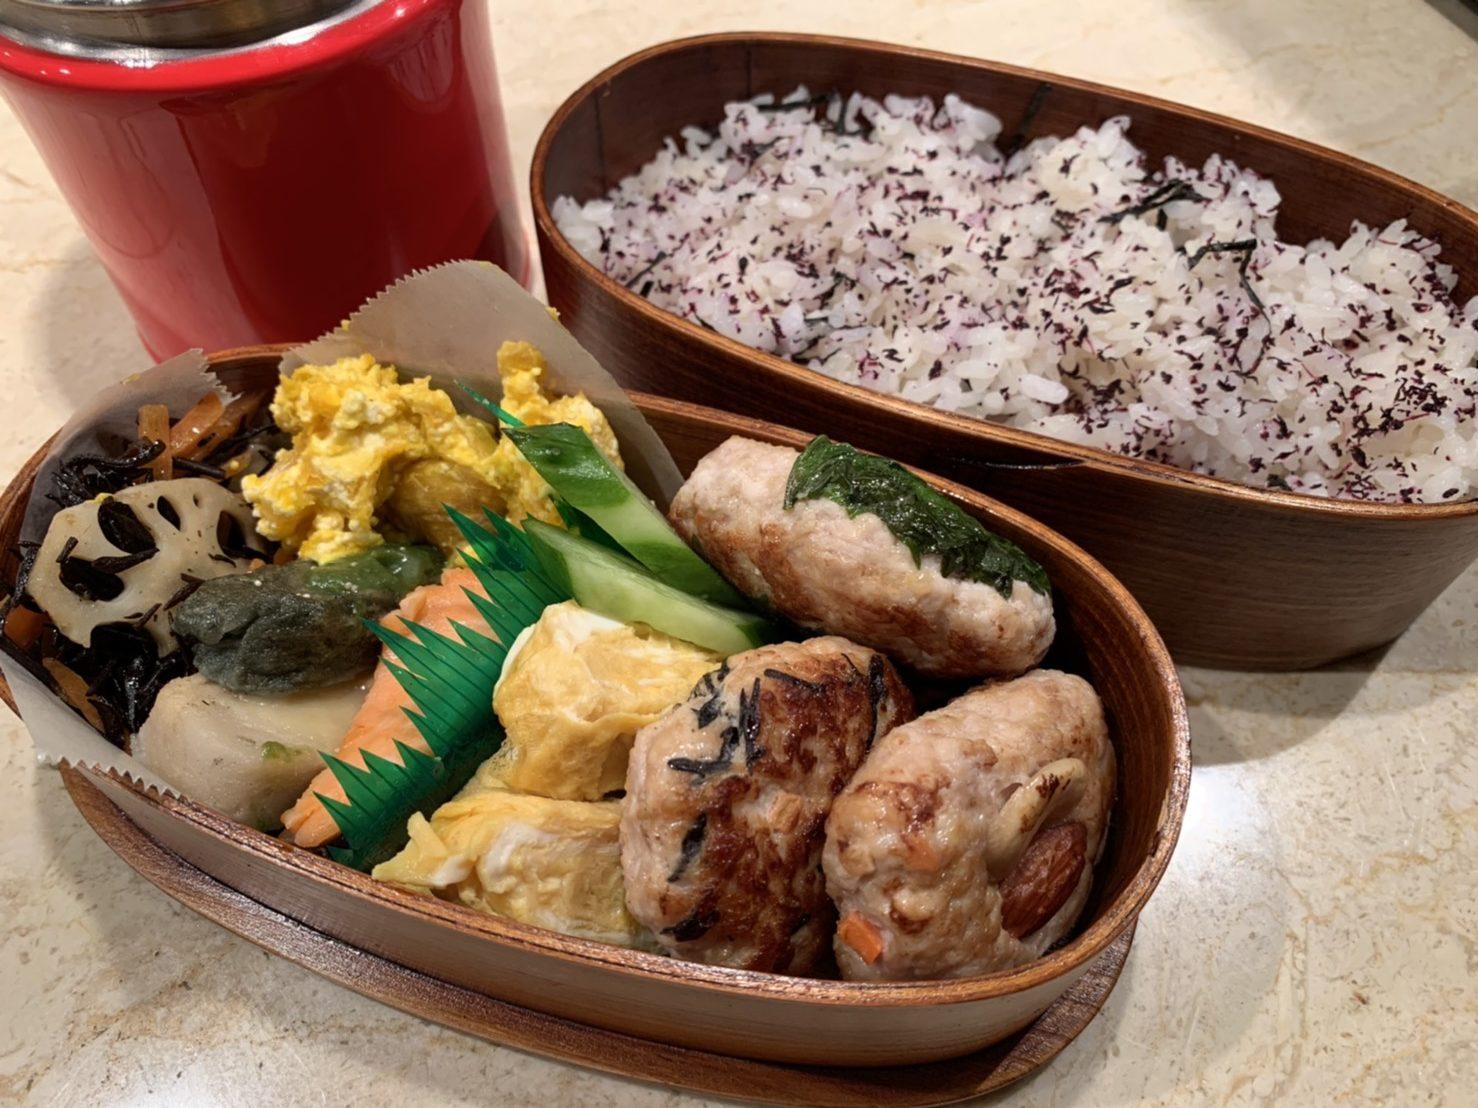 「冬の免疫力強化弁当」【連載企画】今江サチコさんの今月のアスリート弁当(12月)